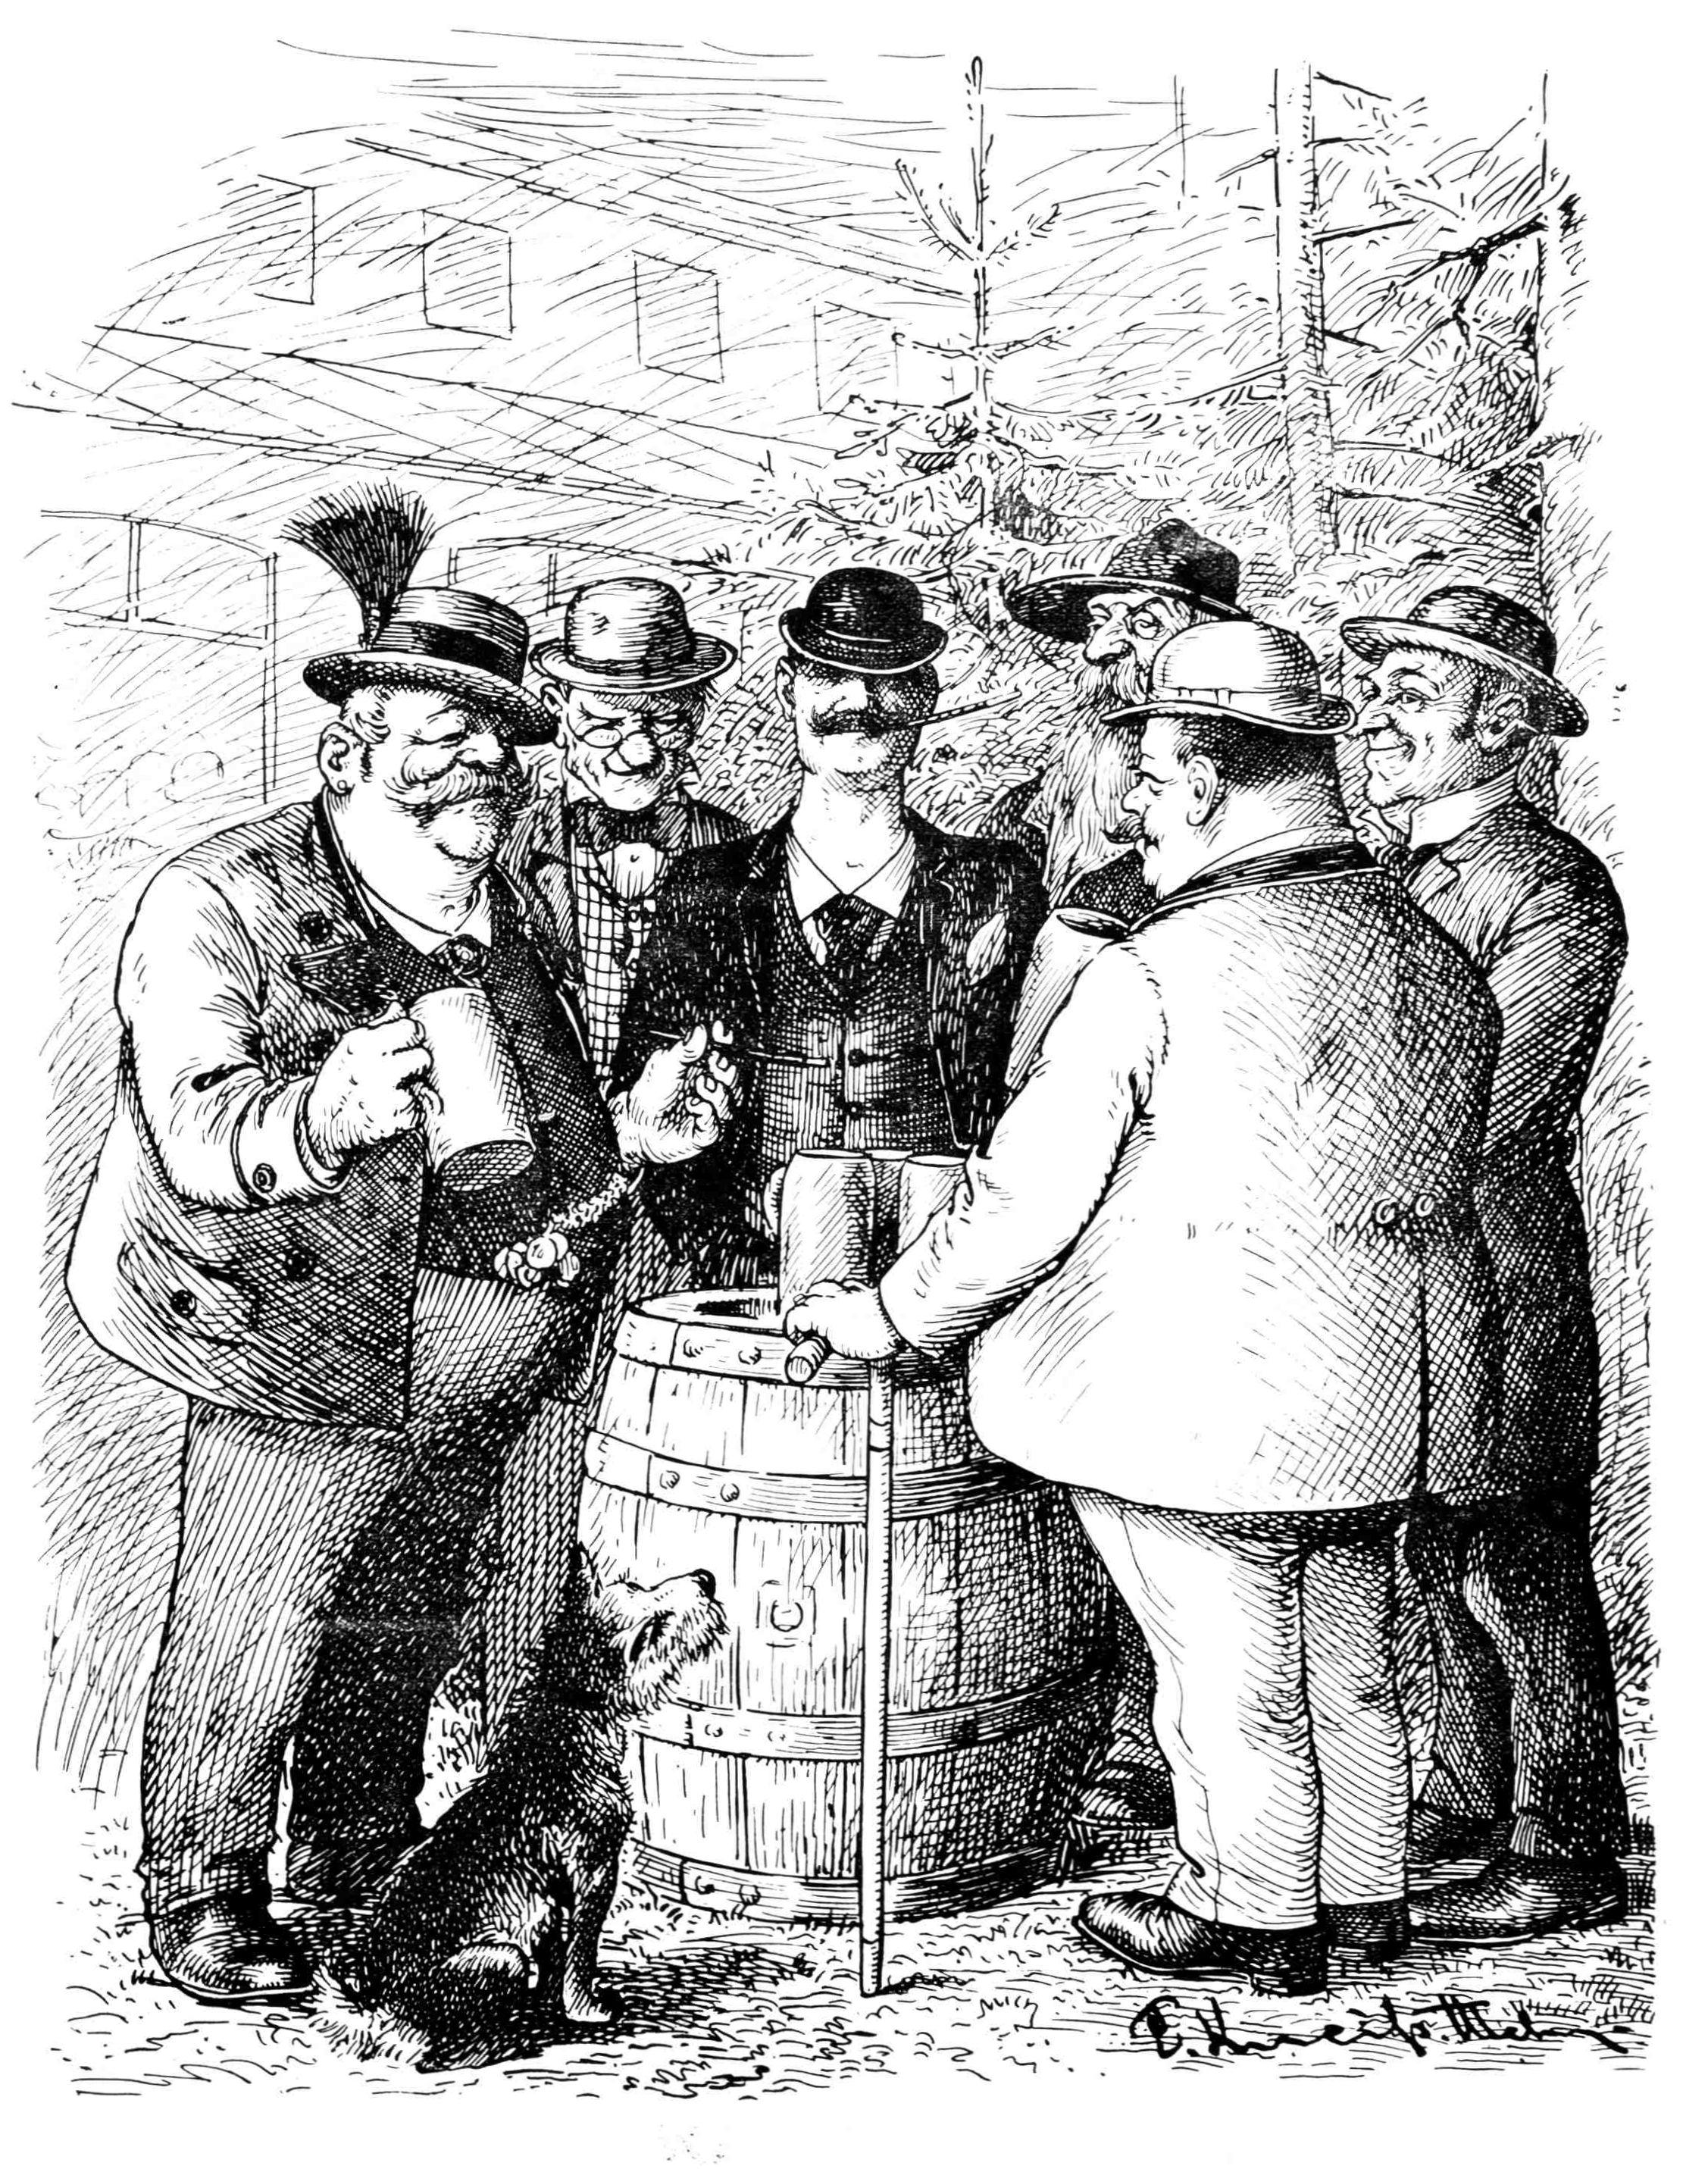 Bild: Sechs Männer und ein Hund stehen um ein Fass und trinken Bier aus Masskrügen